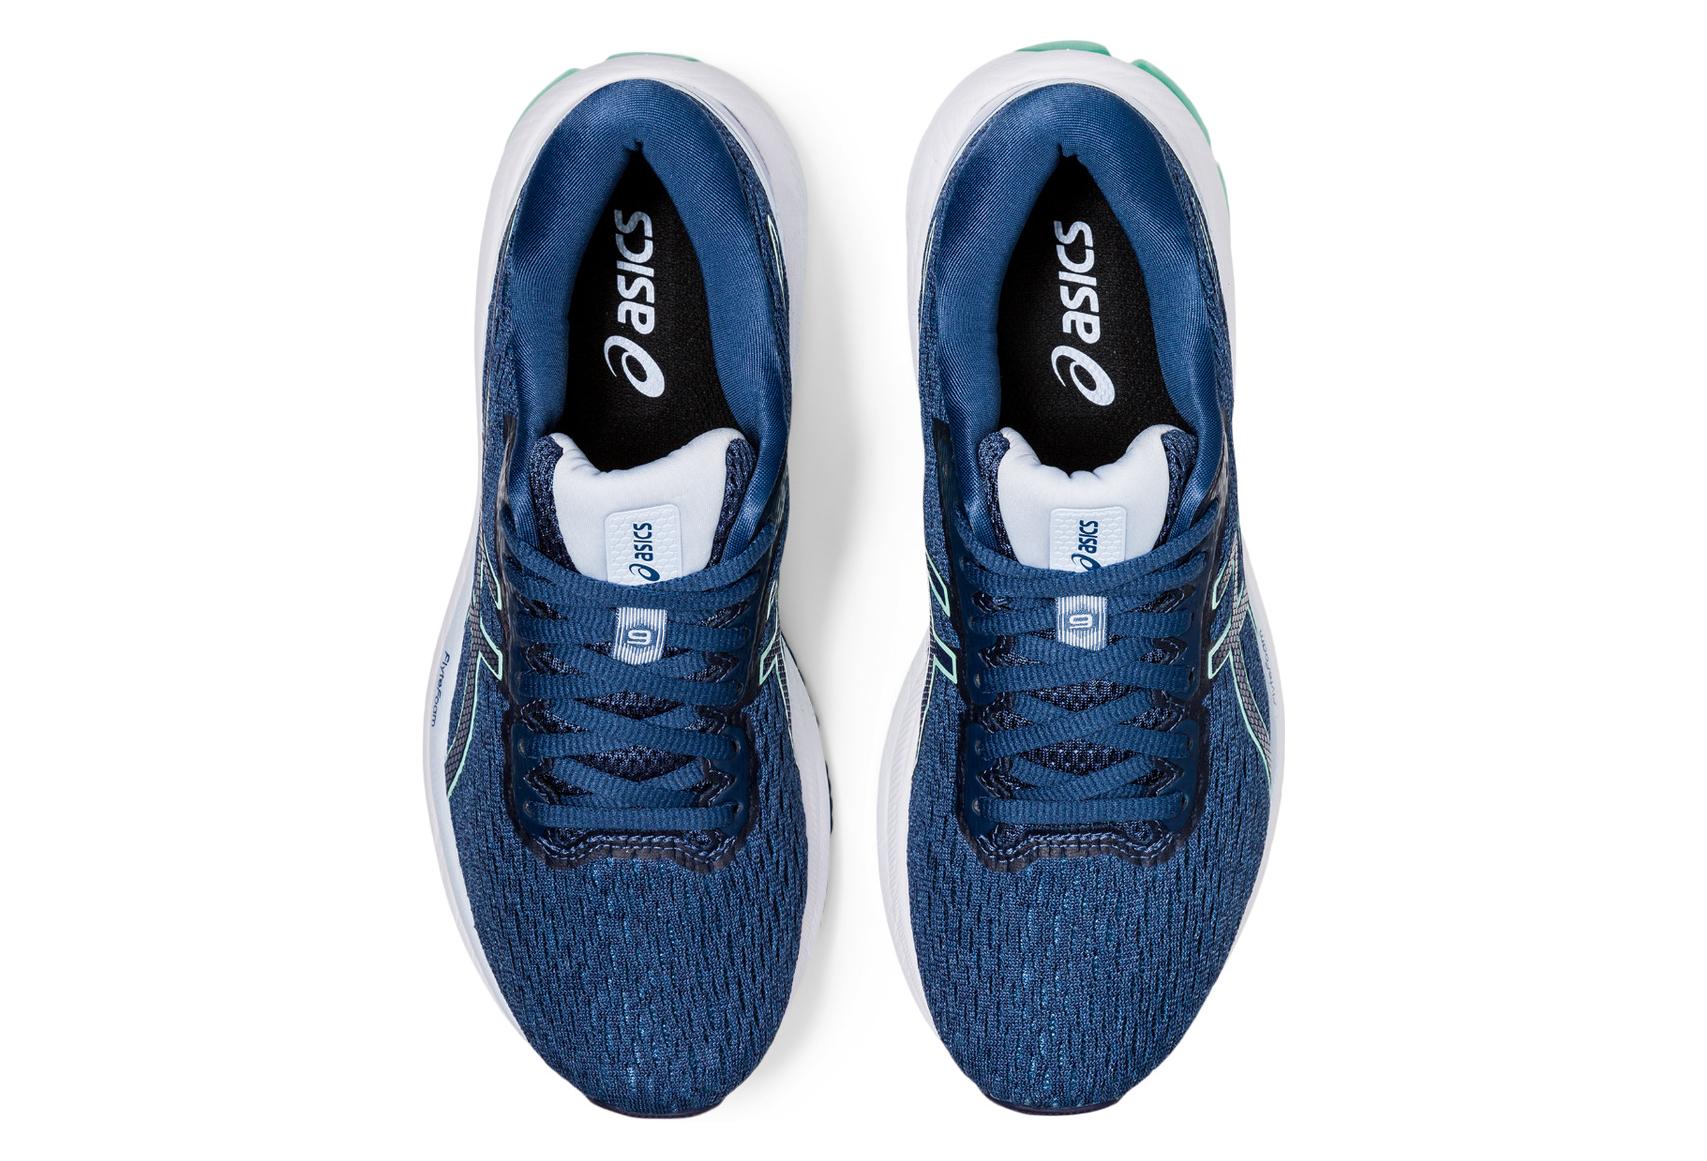 Chaussures femme Asics Gt-1000 9 | Alltricks.com